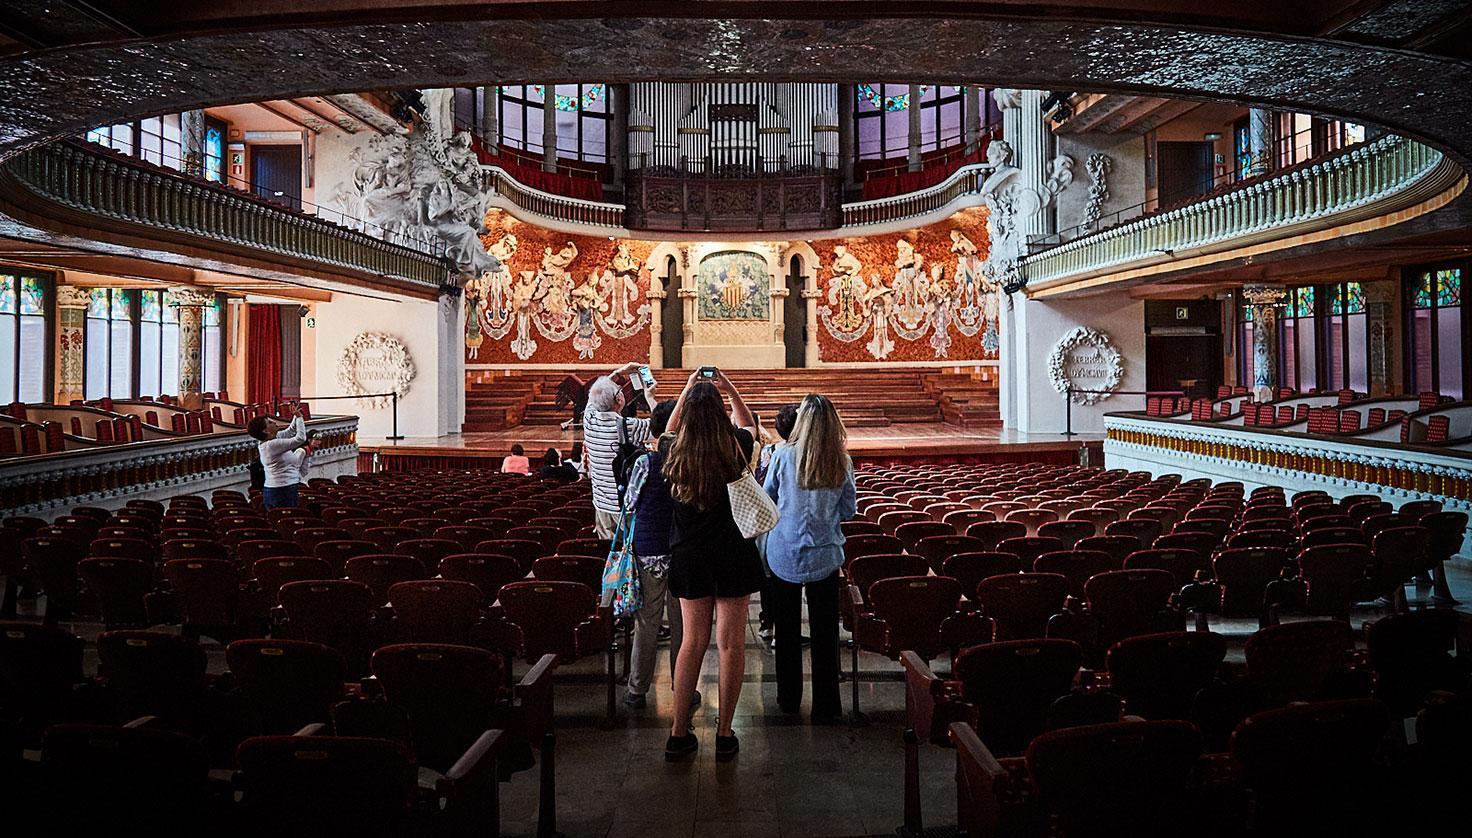 Foto Palau de la Música Catalana